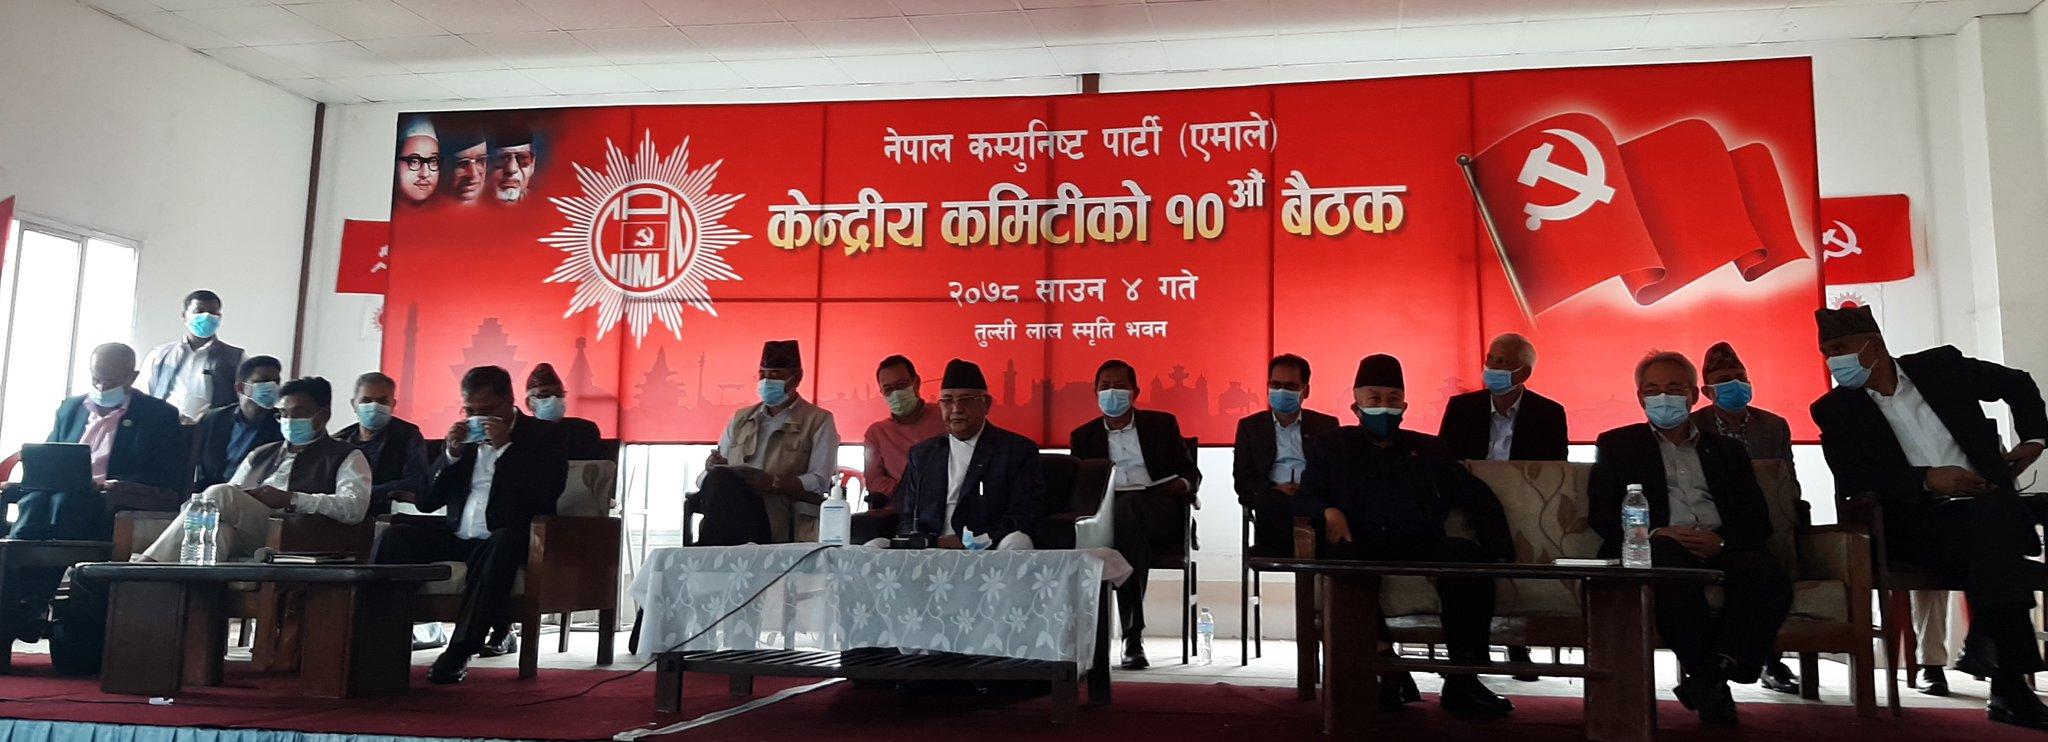 एमालेको १०औं केन्द्रीय कमिटी बैठक शुरु